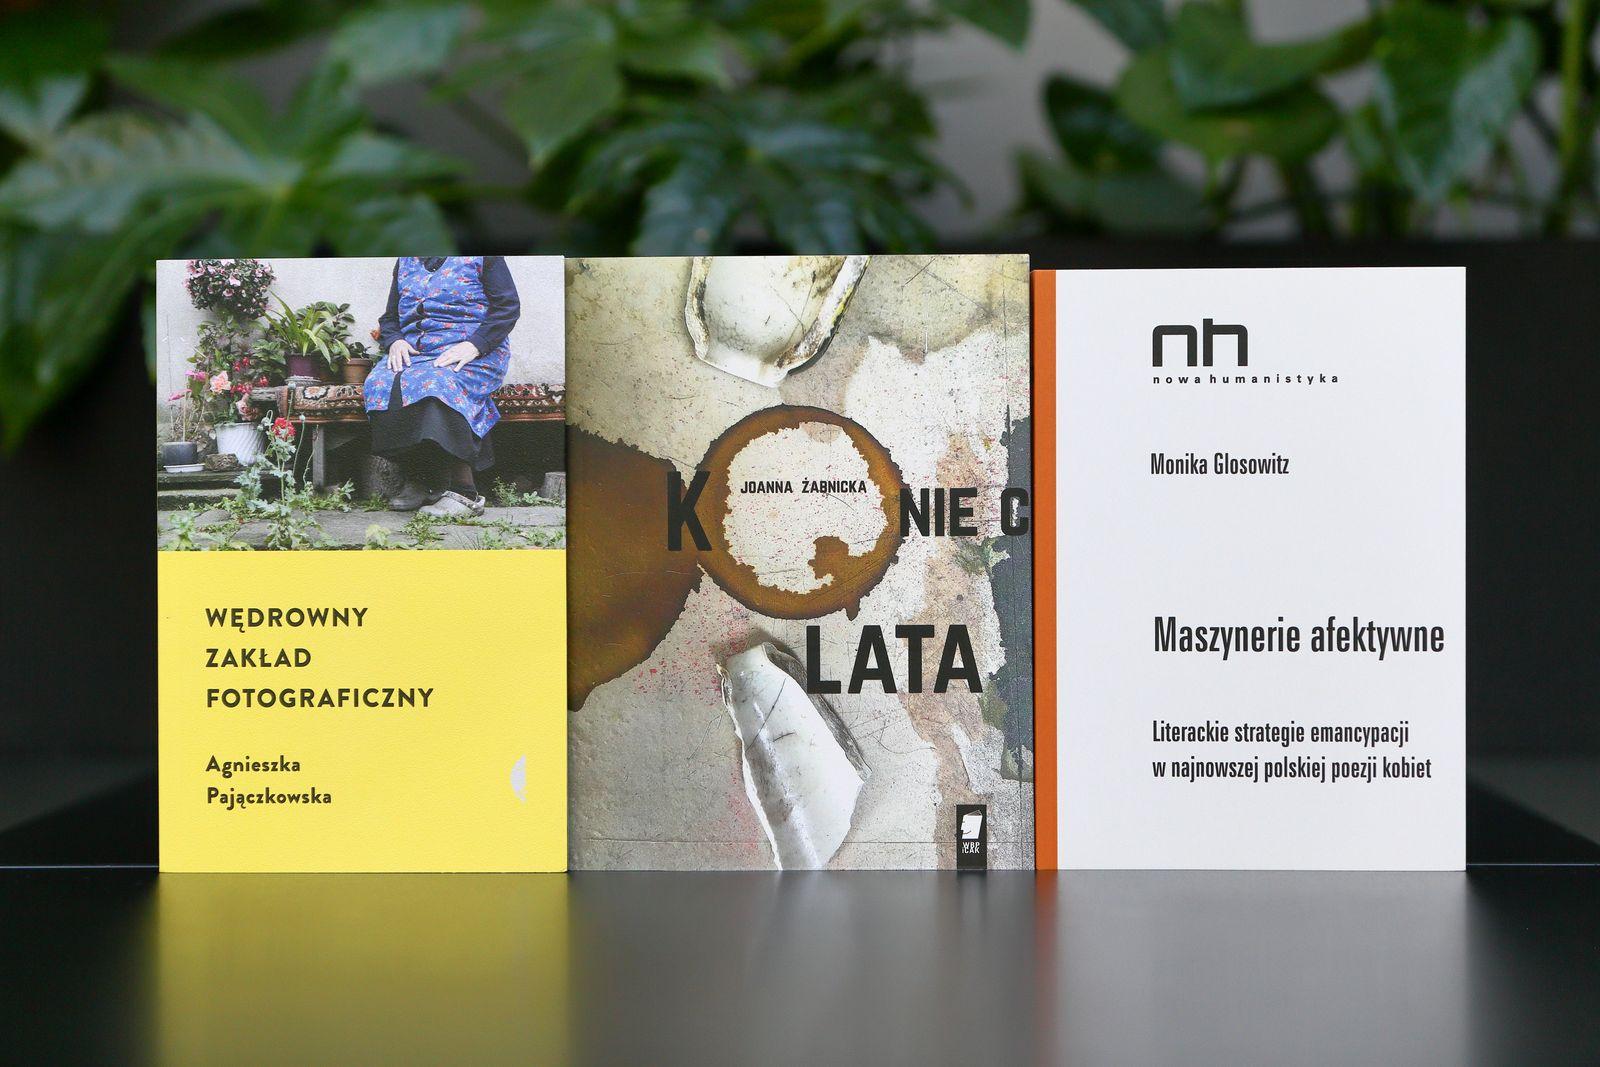 PNL 2020 – nominacje: Glosowitz, Pajączkowska, ŻabnickaPNL 2020 – nominacje: Glosowitz, Pajączkowska, Żabnicka